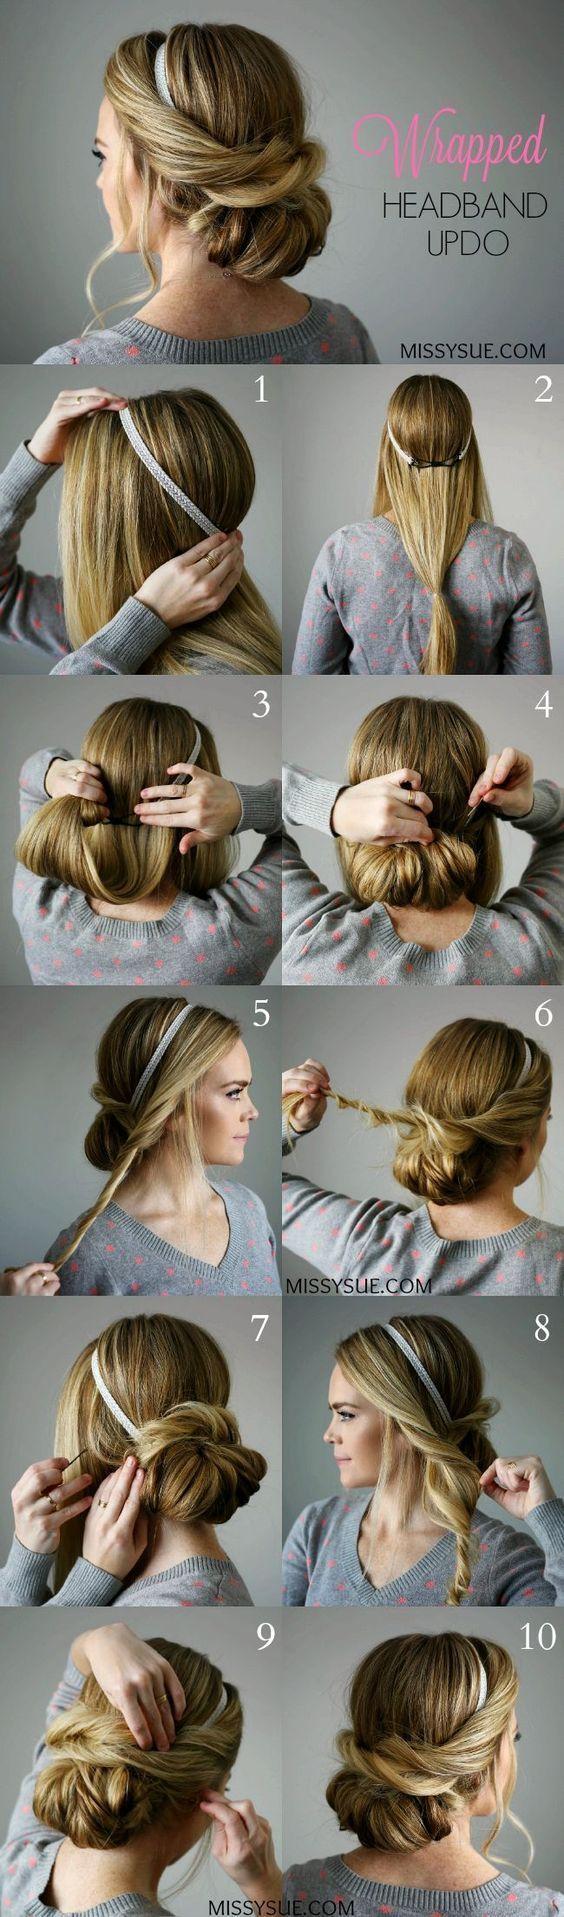 Wenn Sie sich bezüglich Ihrer Frisur nicht sicher sind, sind Sie an der richtigen Stelle. FrisurenIdee.XYZ erhalten Sie die